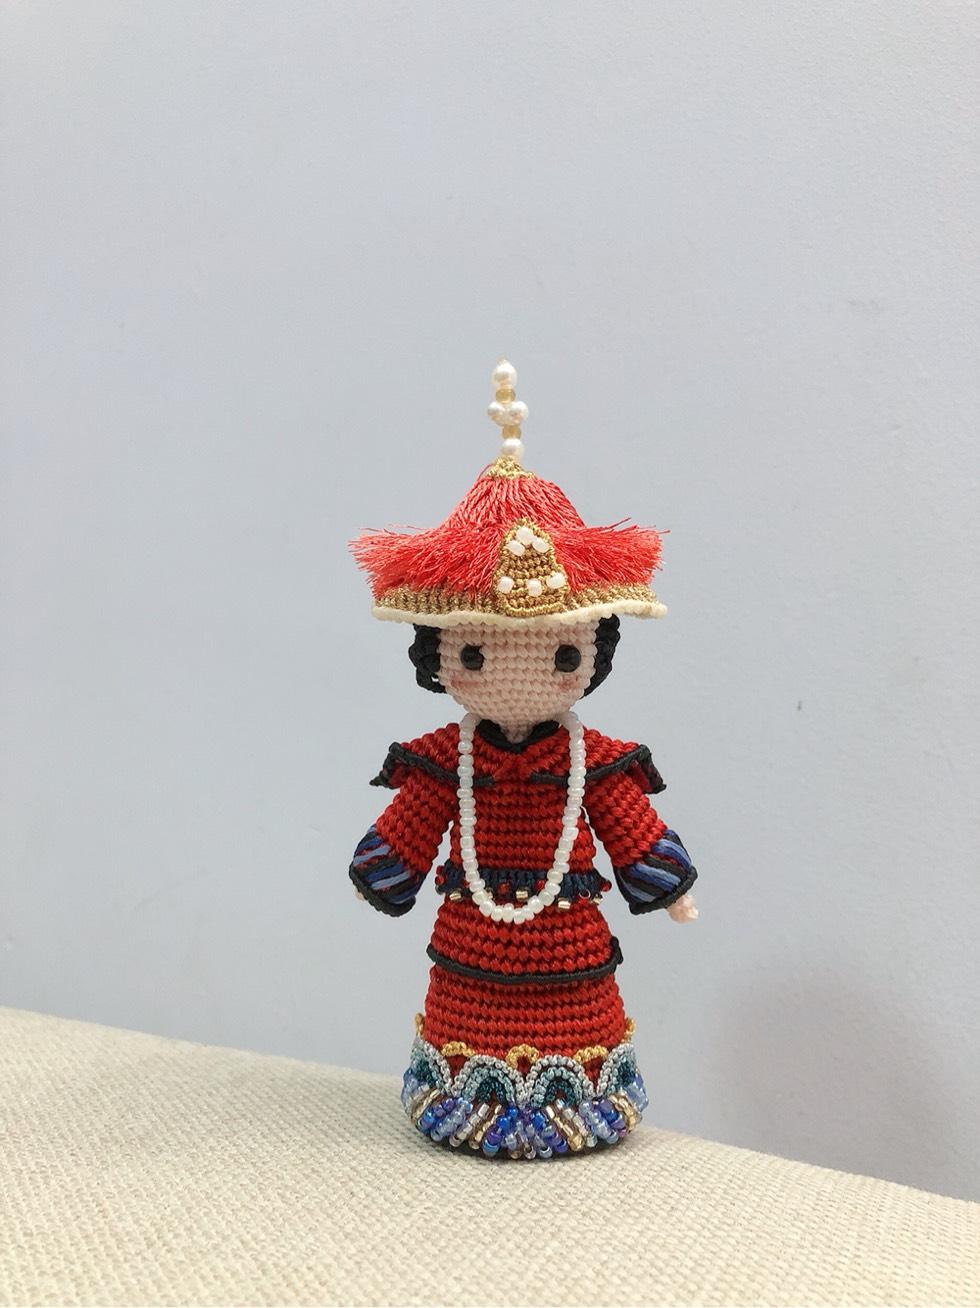 中国结论坛 清朝皇帝 清朝十二位皇帝列表,清朝几个皇帝,清朝第一个皇帝,中国历史朝代列表,清朝历代皇帝 作品展示 224931w1wmfrgmmgzrihmm